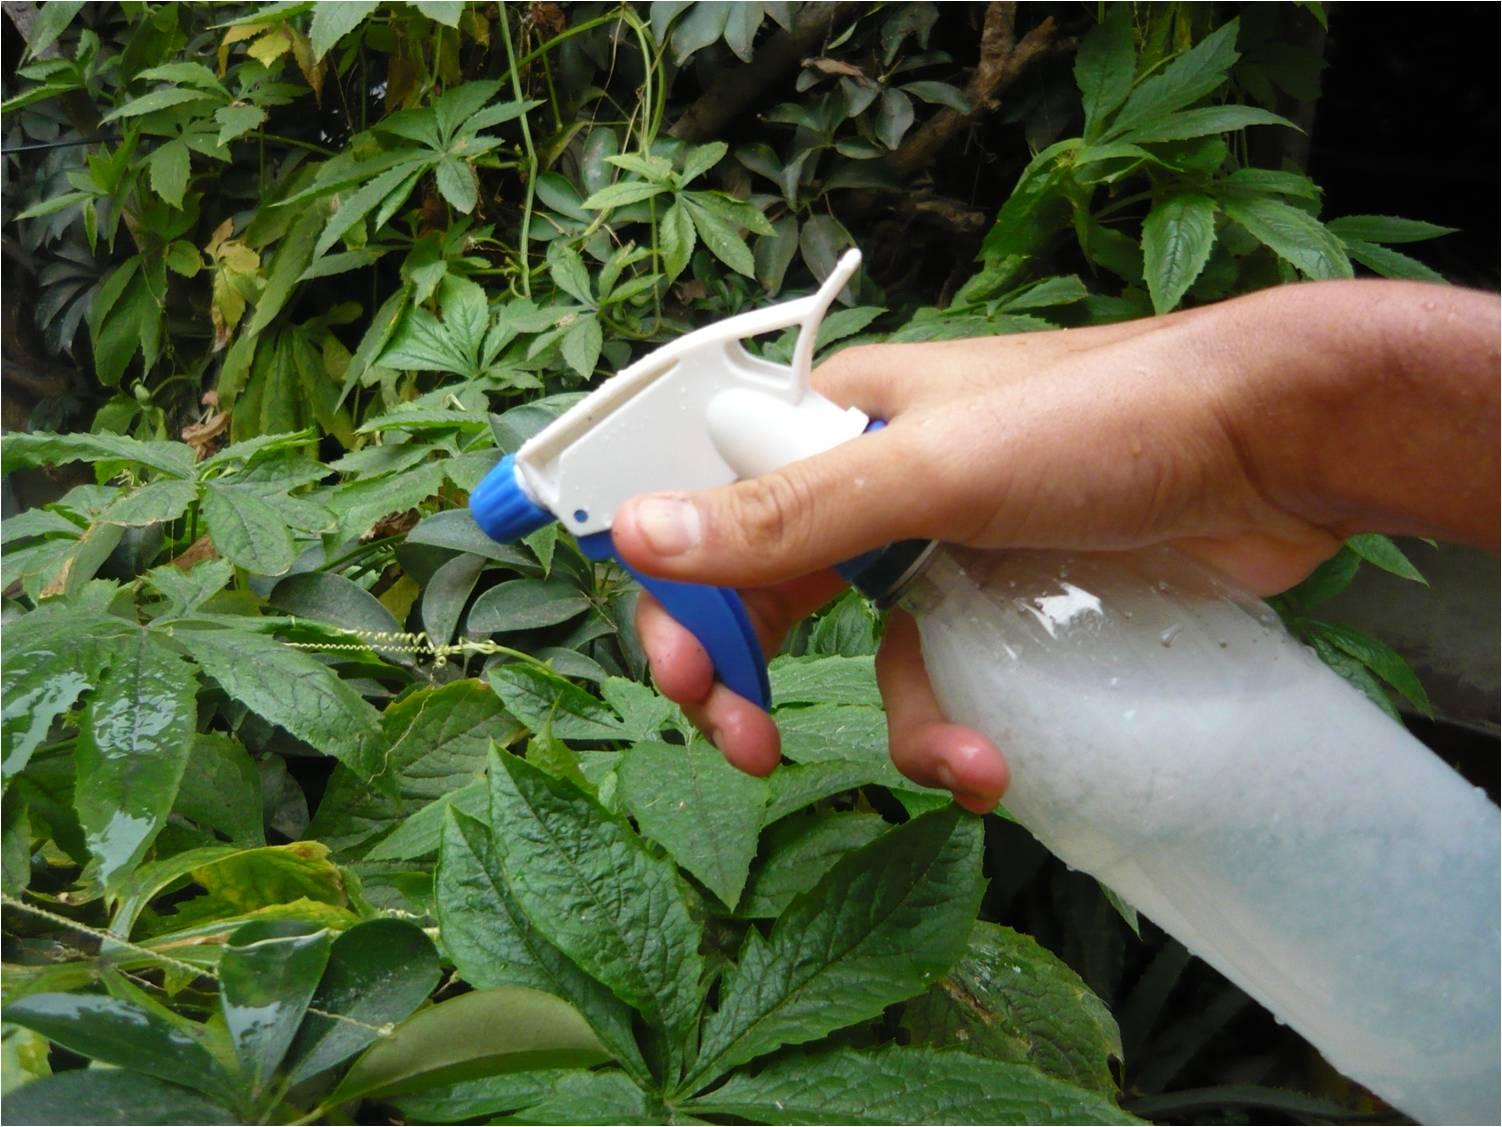 Métodos de eliminación de plagas